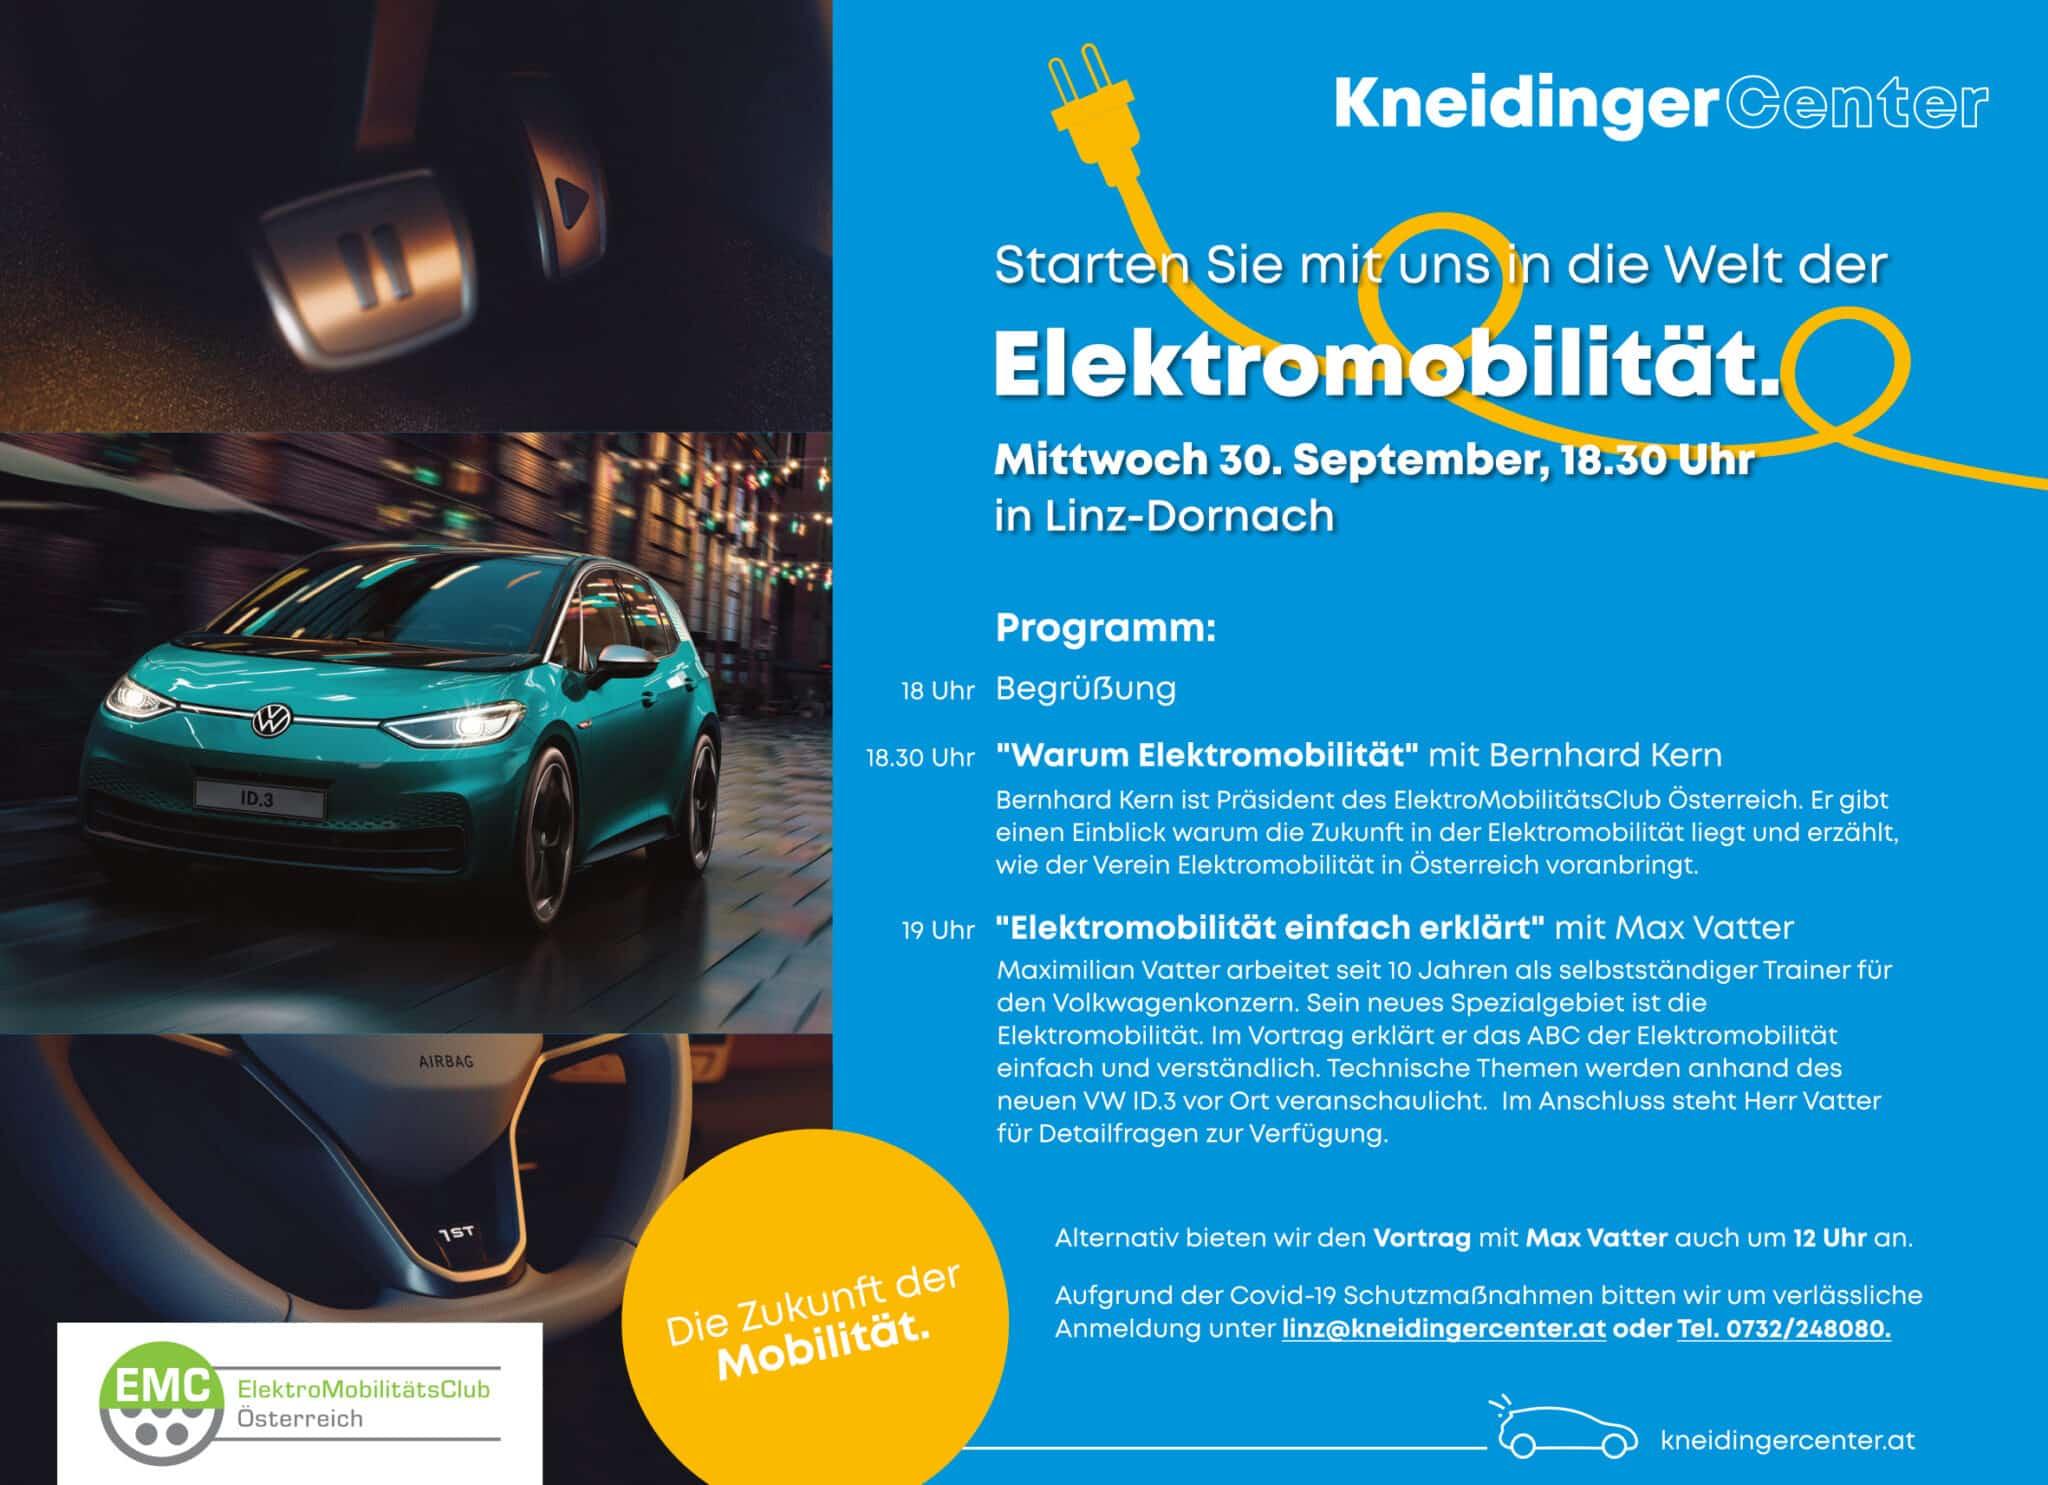 Die Zukunft der Mobilität - Kneidinger Center | Inserat Elektromobilitaet Linz EMC scaled